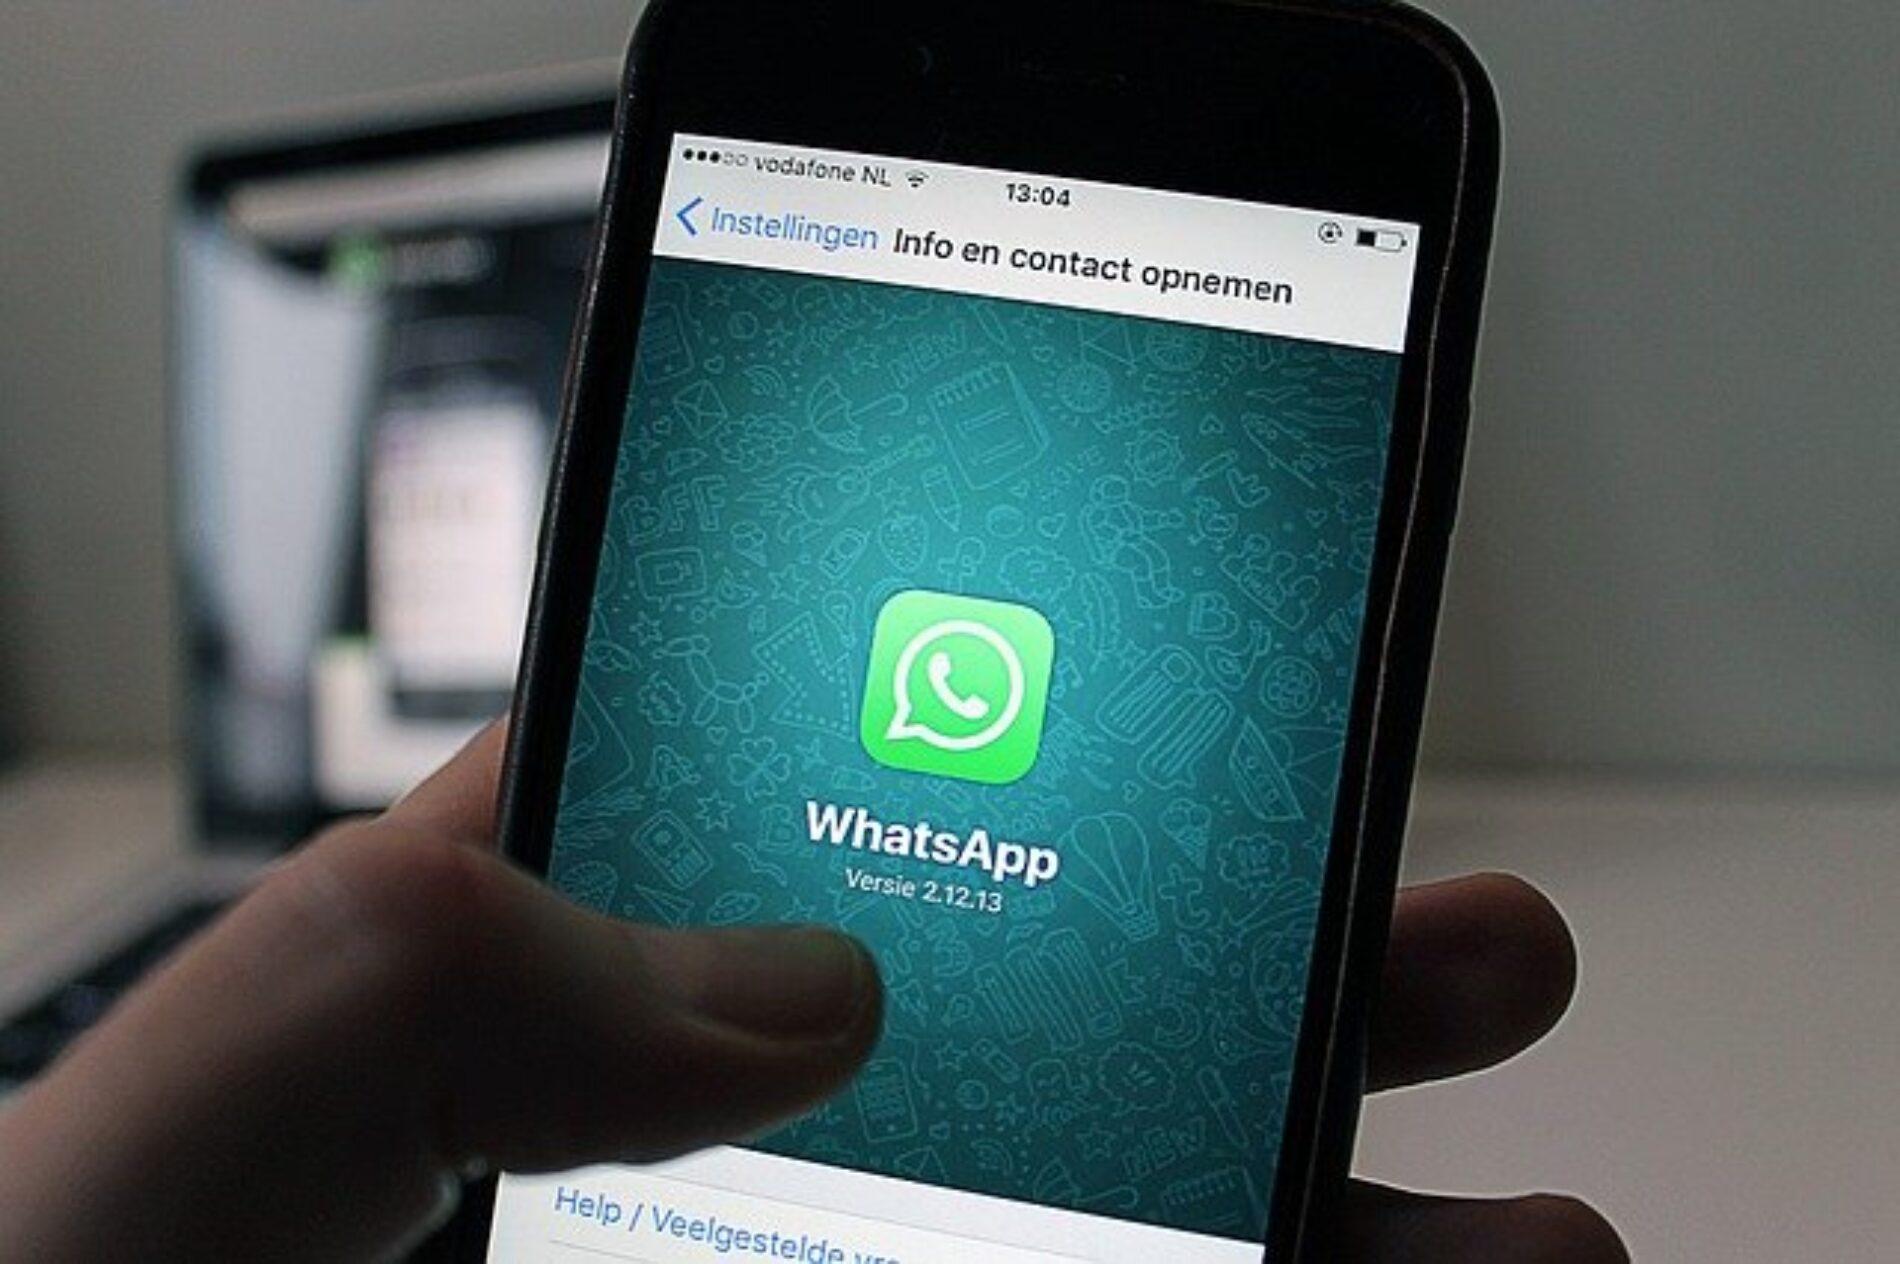 Tres pasos sencillos para que no lo suplanten en WhatsApp